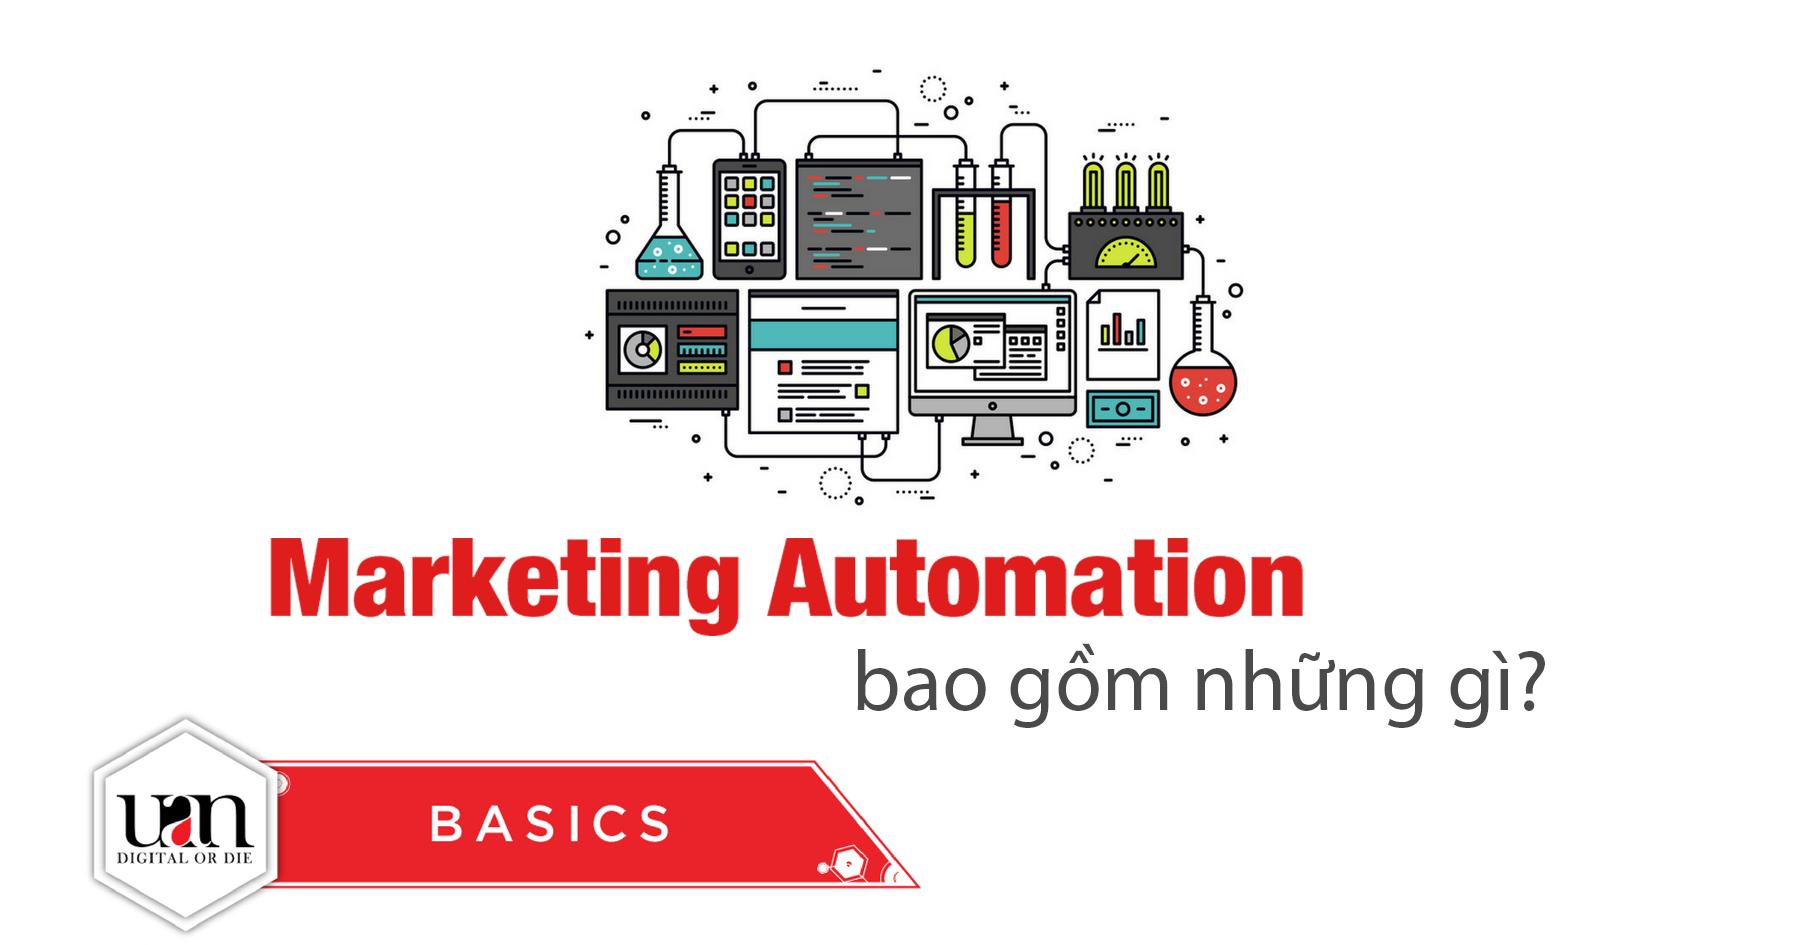 Marketing Automation bao gồm những gì?